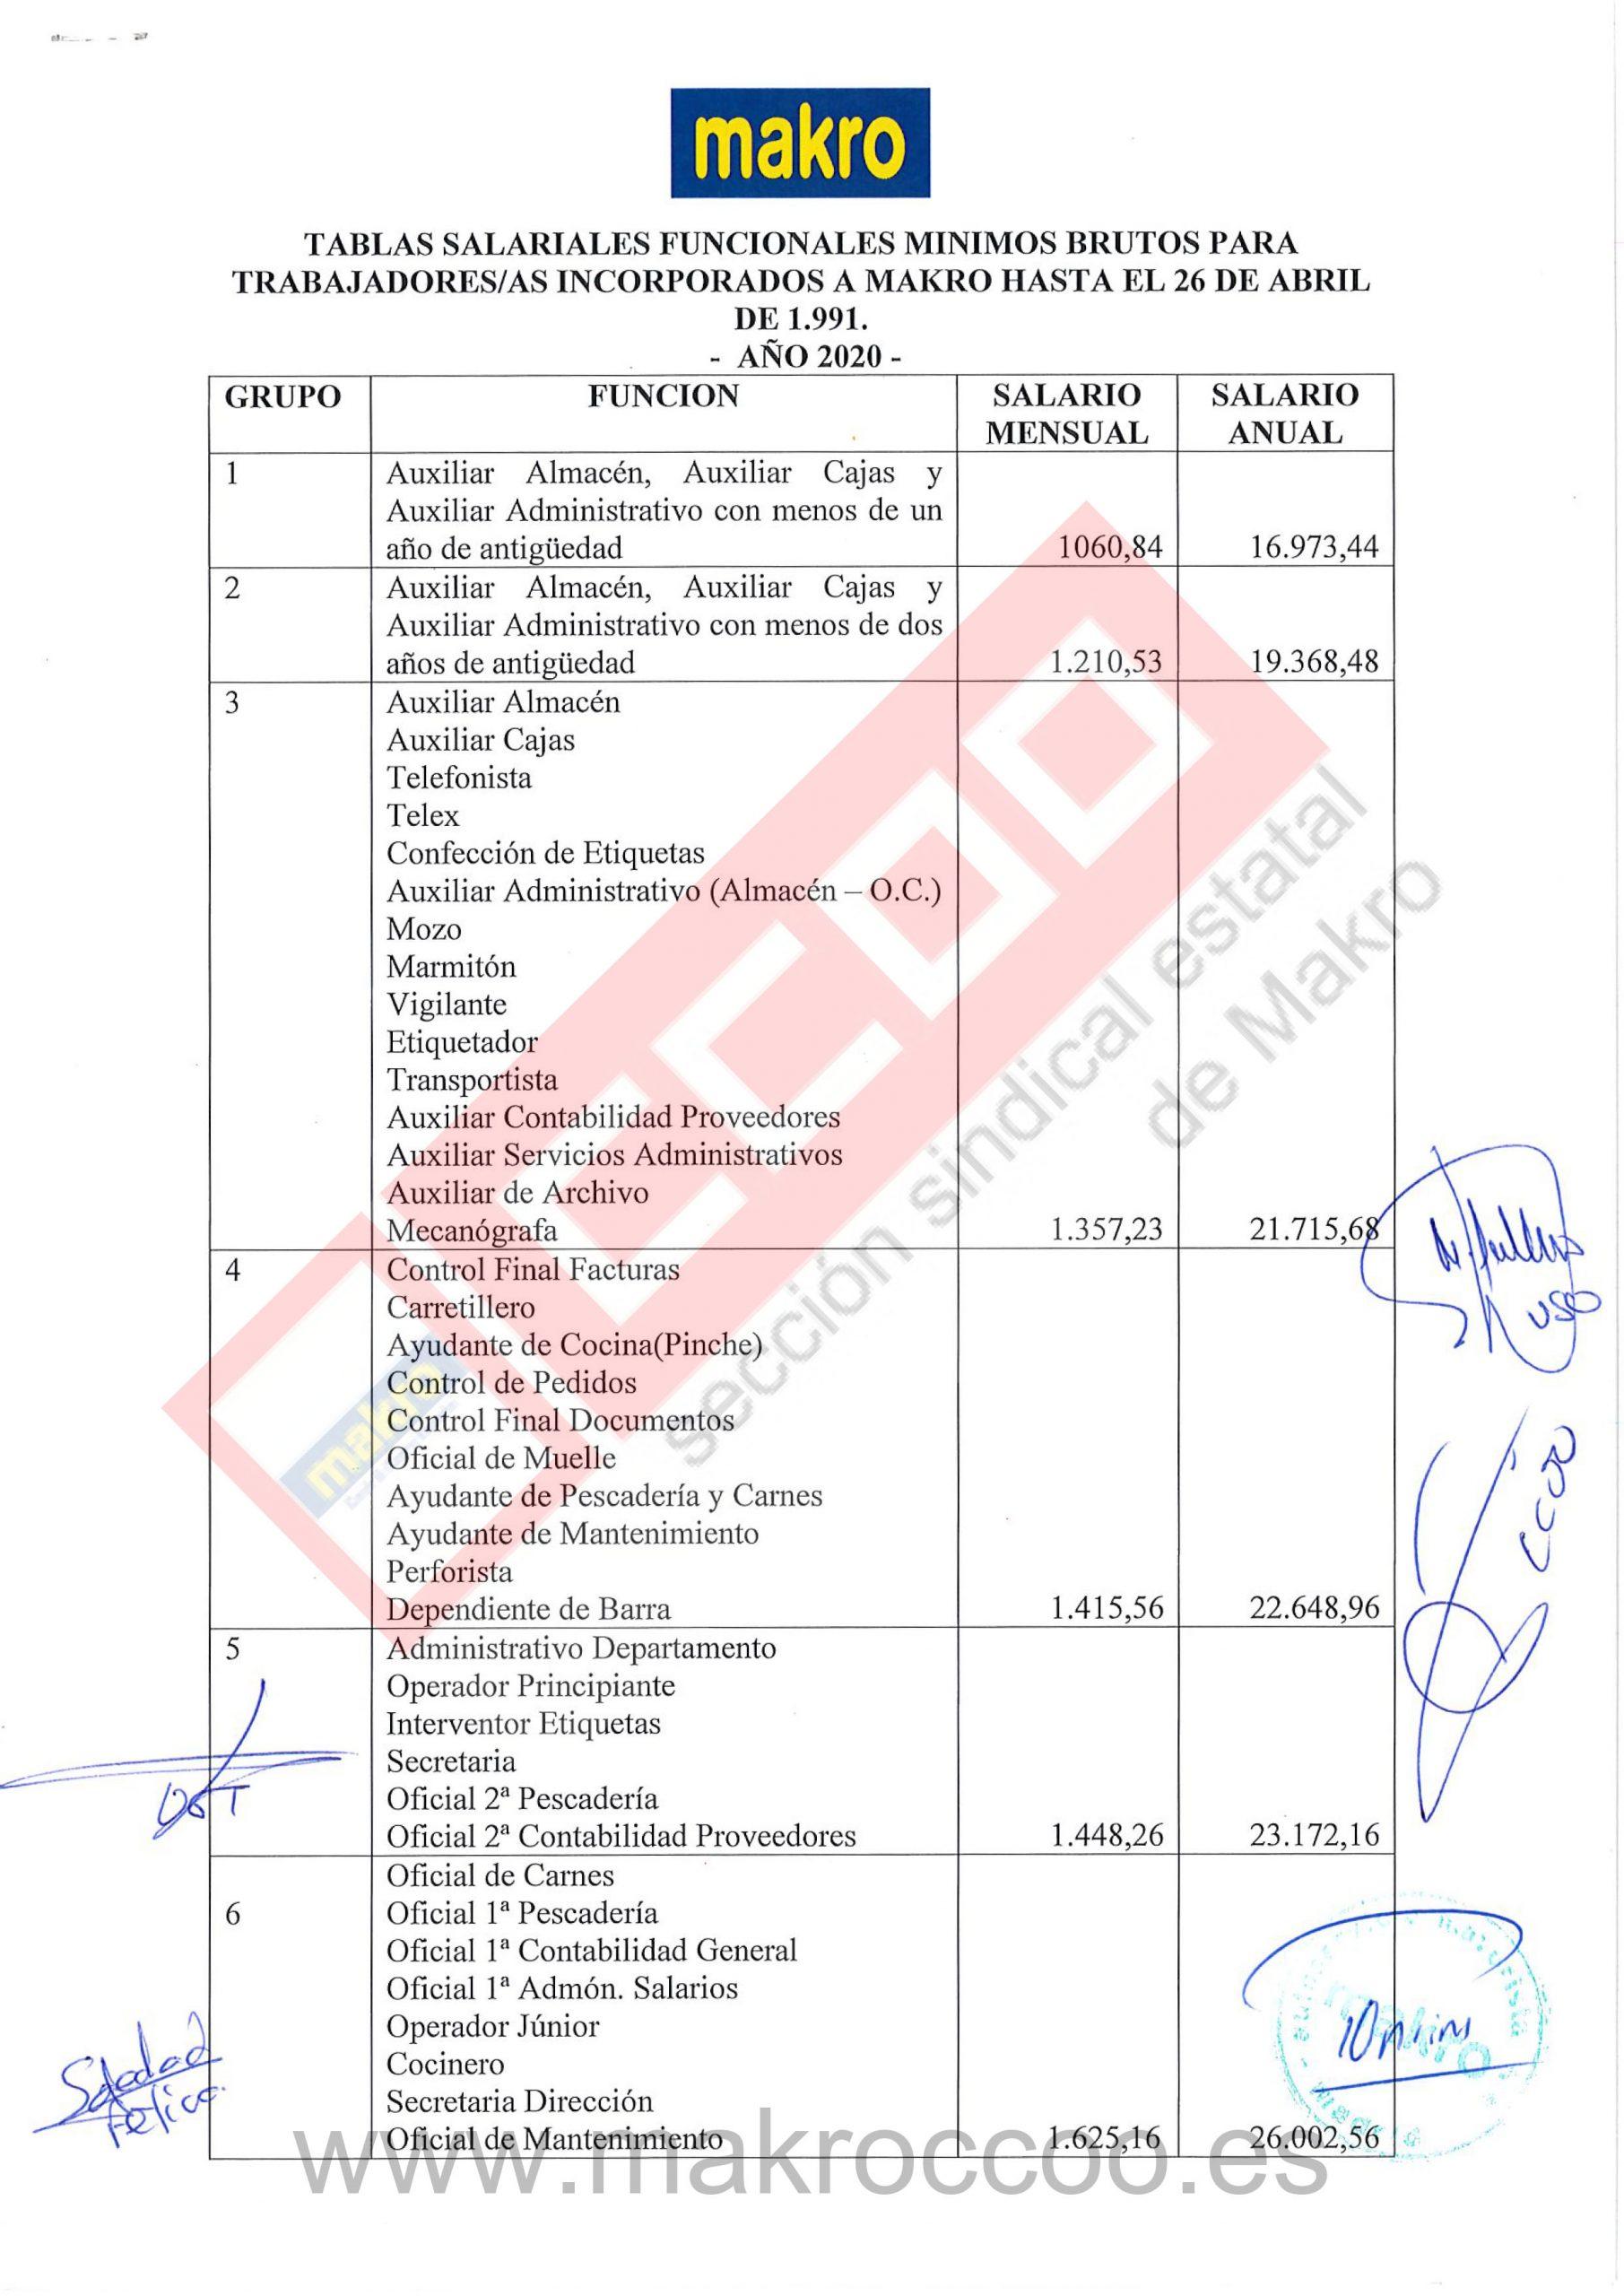 Tablas Salariales 2020 Makro Trabajadores incorporados hasta 26 04 1991-1